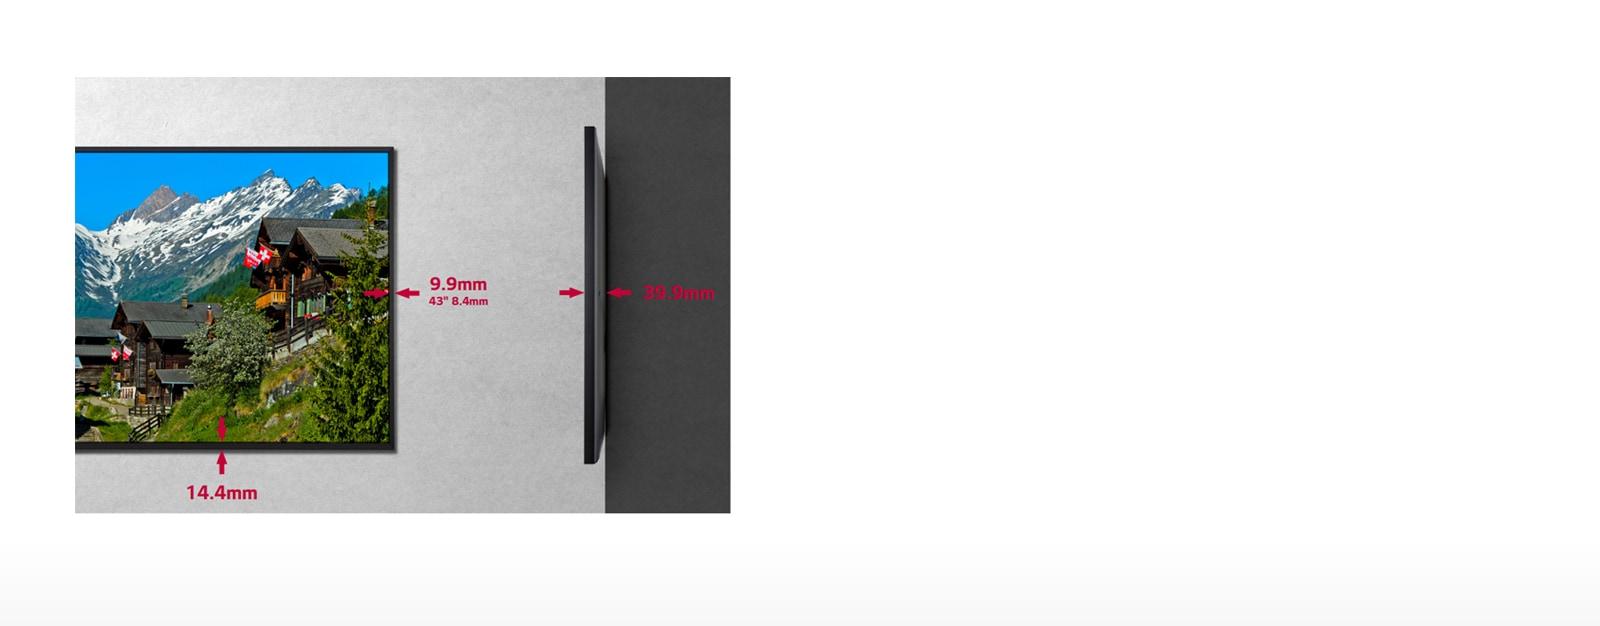 Узкая рамка и тонкая конструкция1